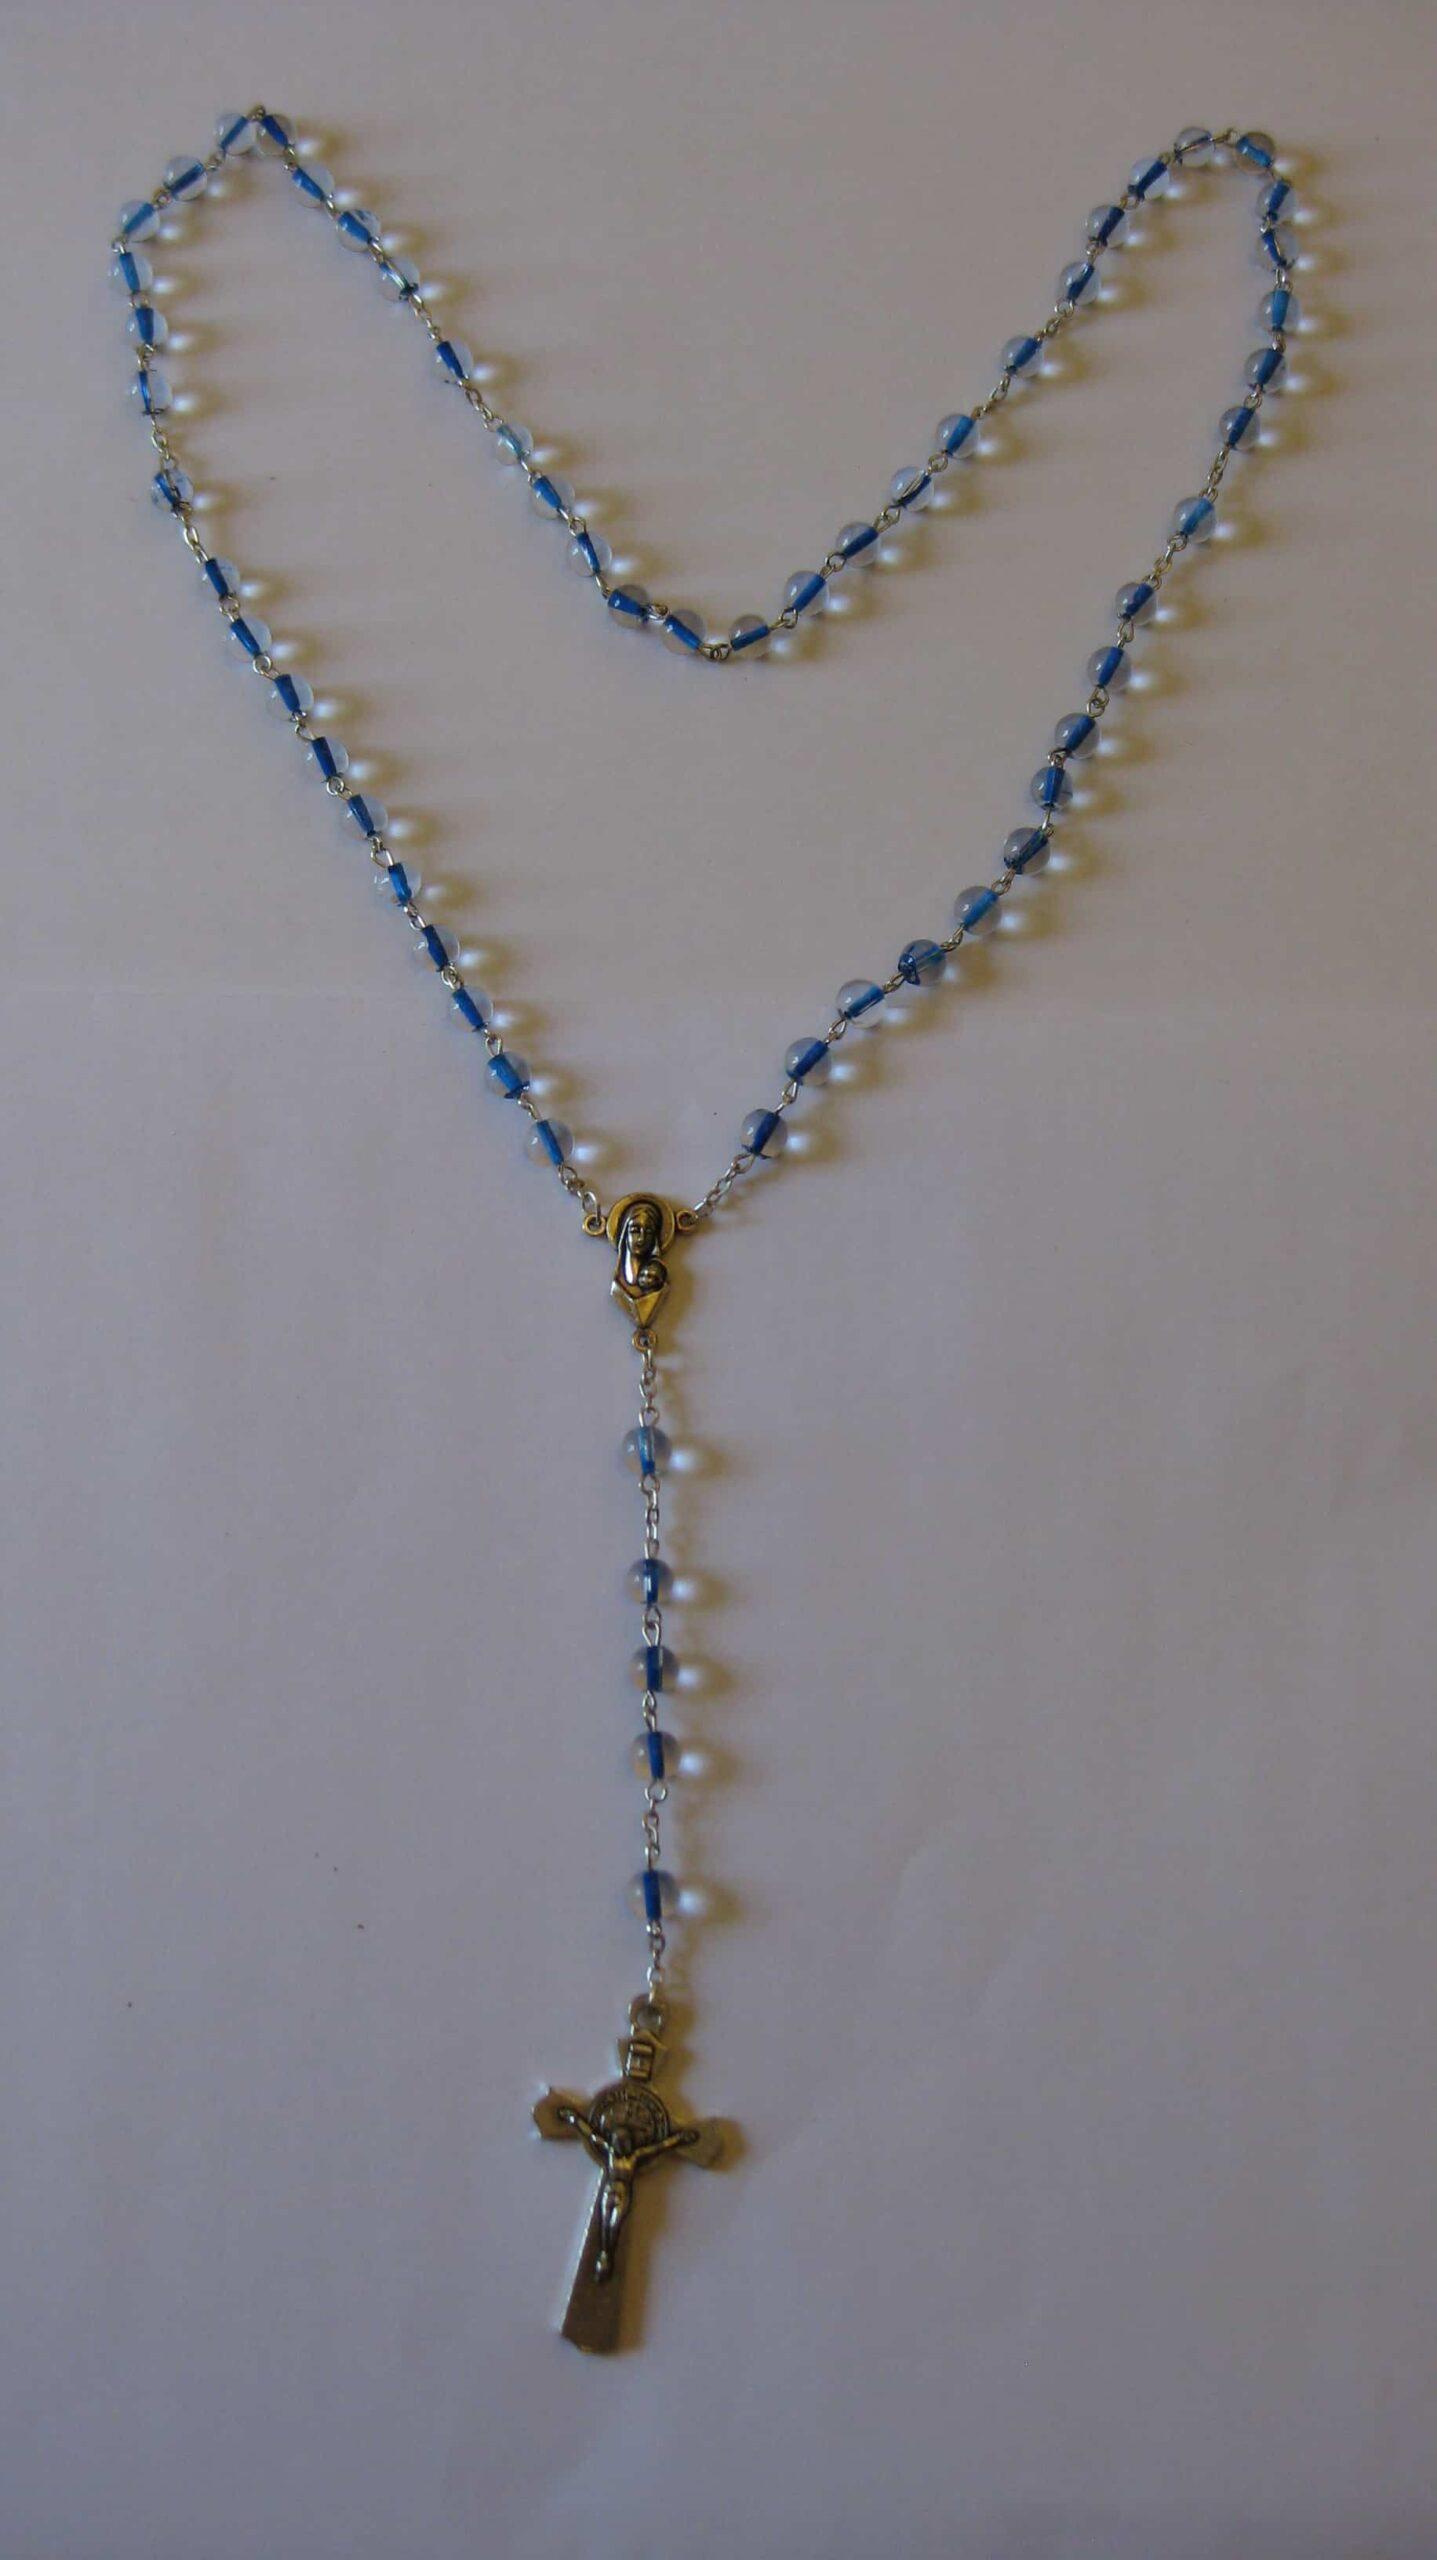 Palvehelmed - sinised helmed, metallist vahelülid, üldpikkus 46cm